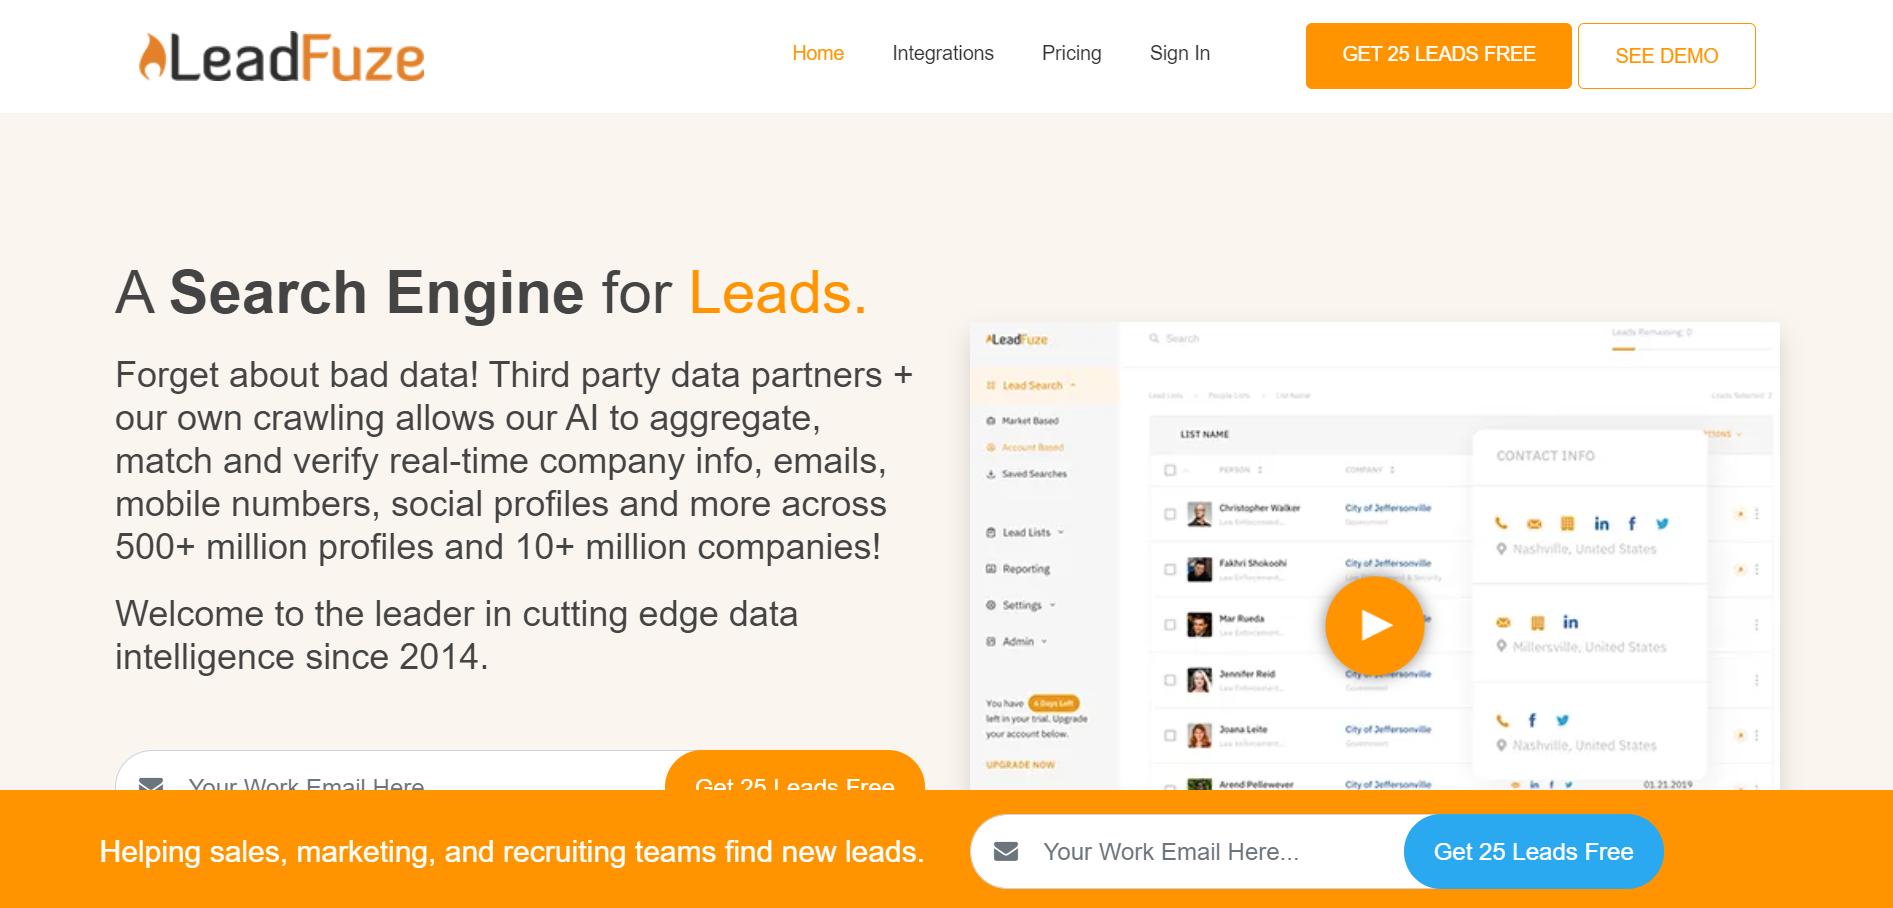 LeadFuze Website